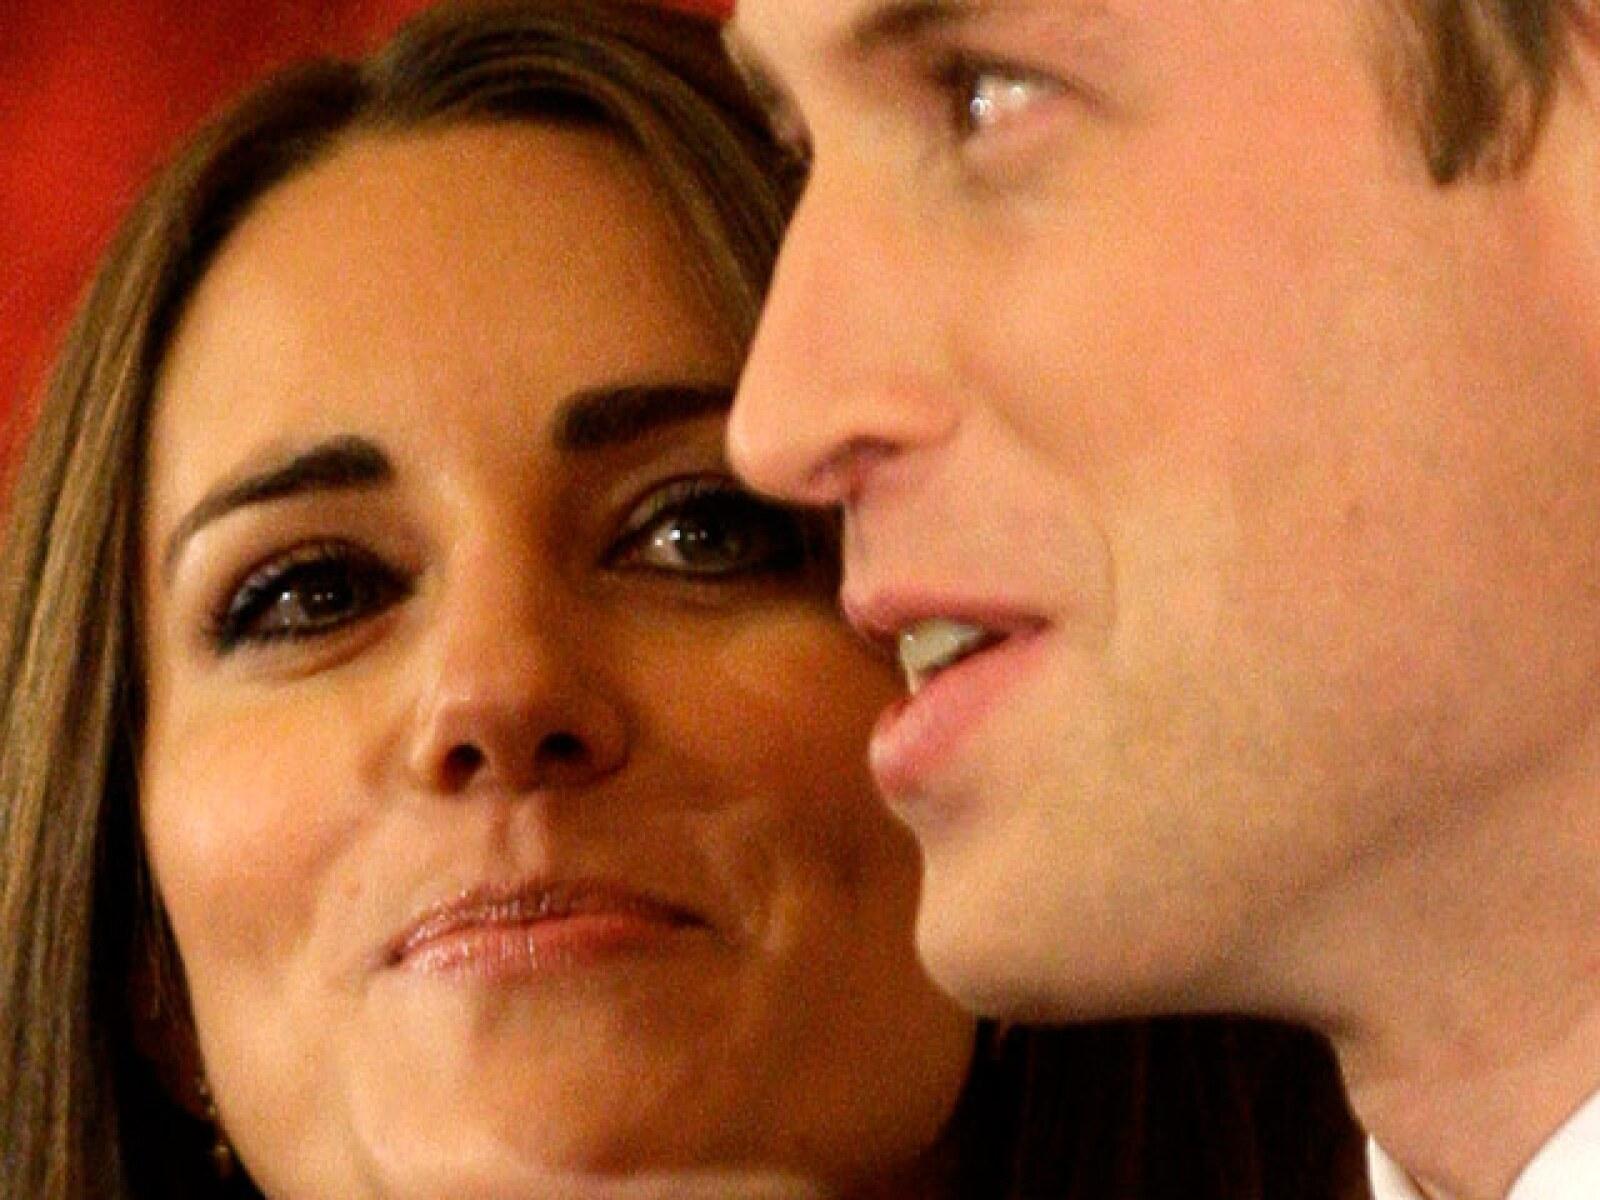 El príncipe le dio a su prometida el anillo de compromiso que su padre, el príncipe Carlos, le diera alguna vez a la difunta Lady Di.